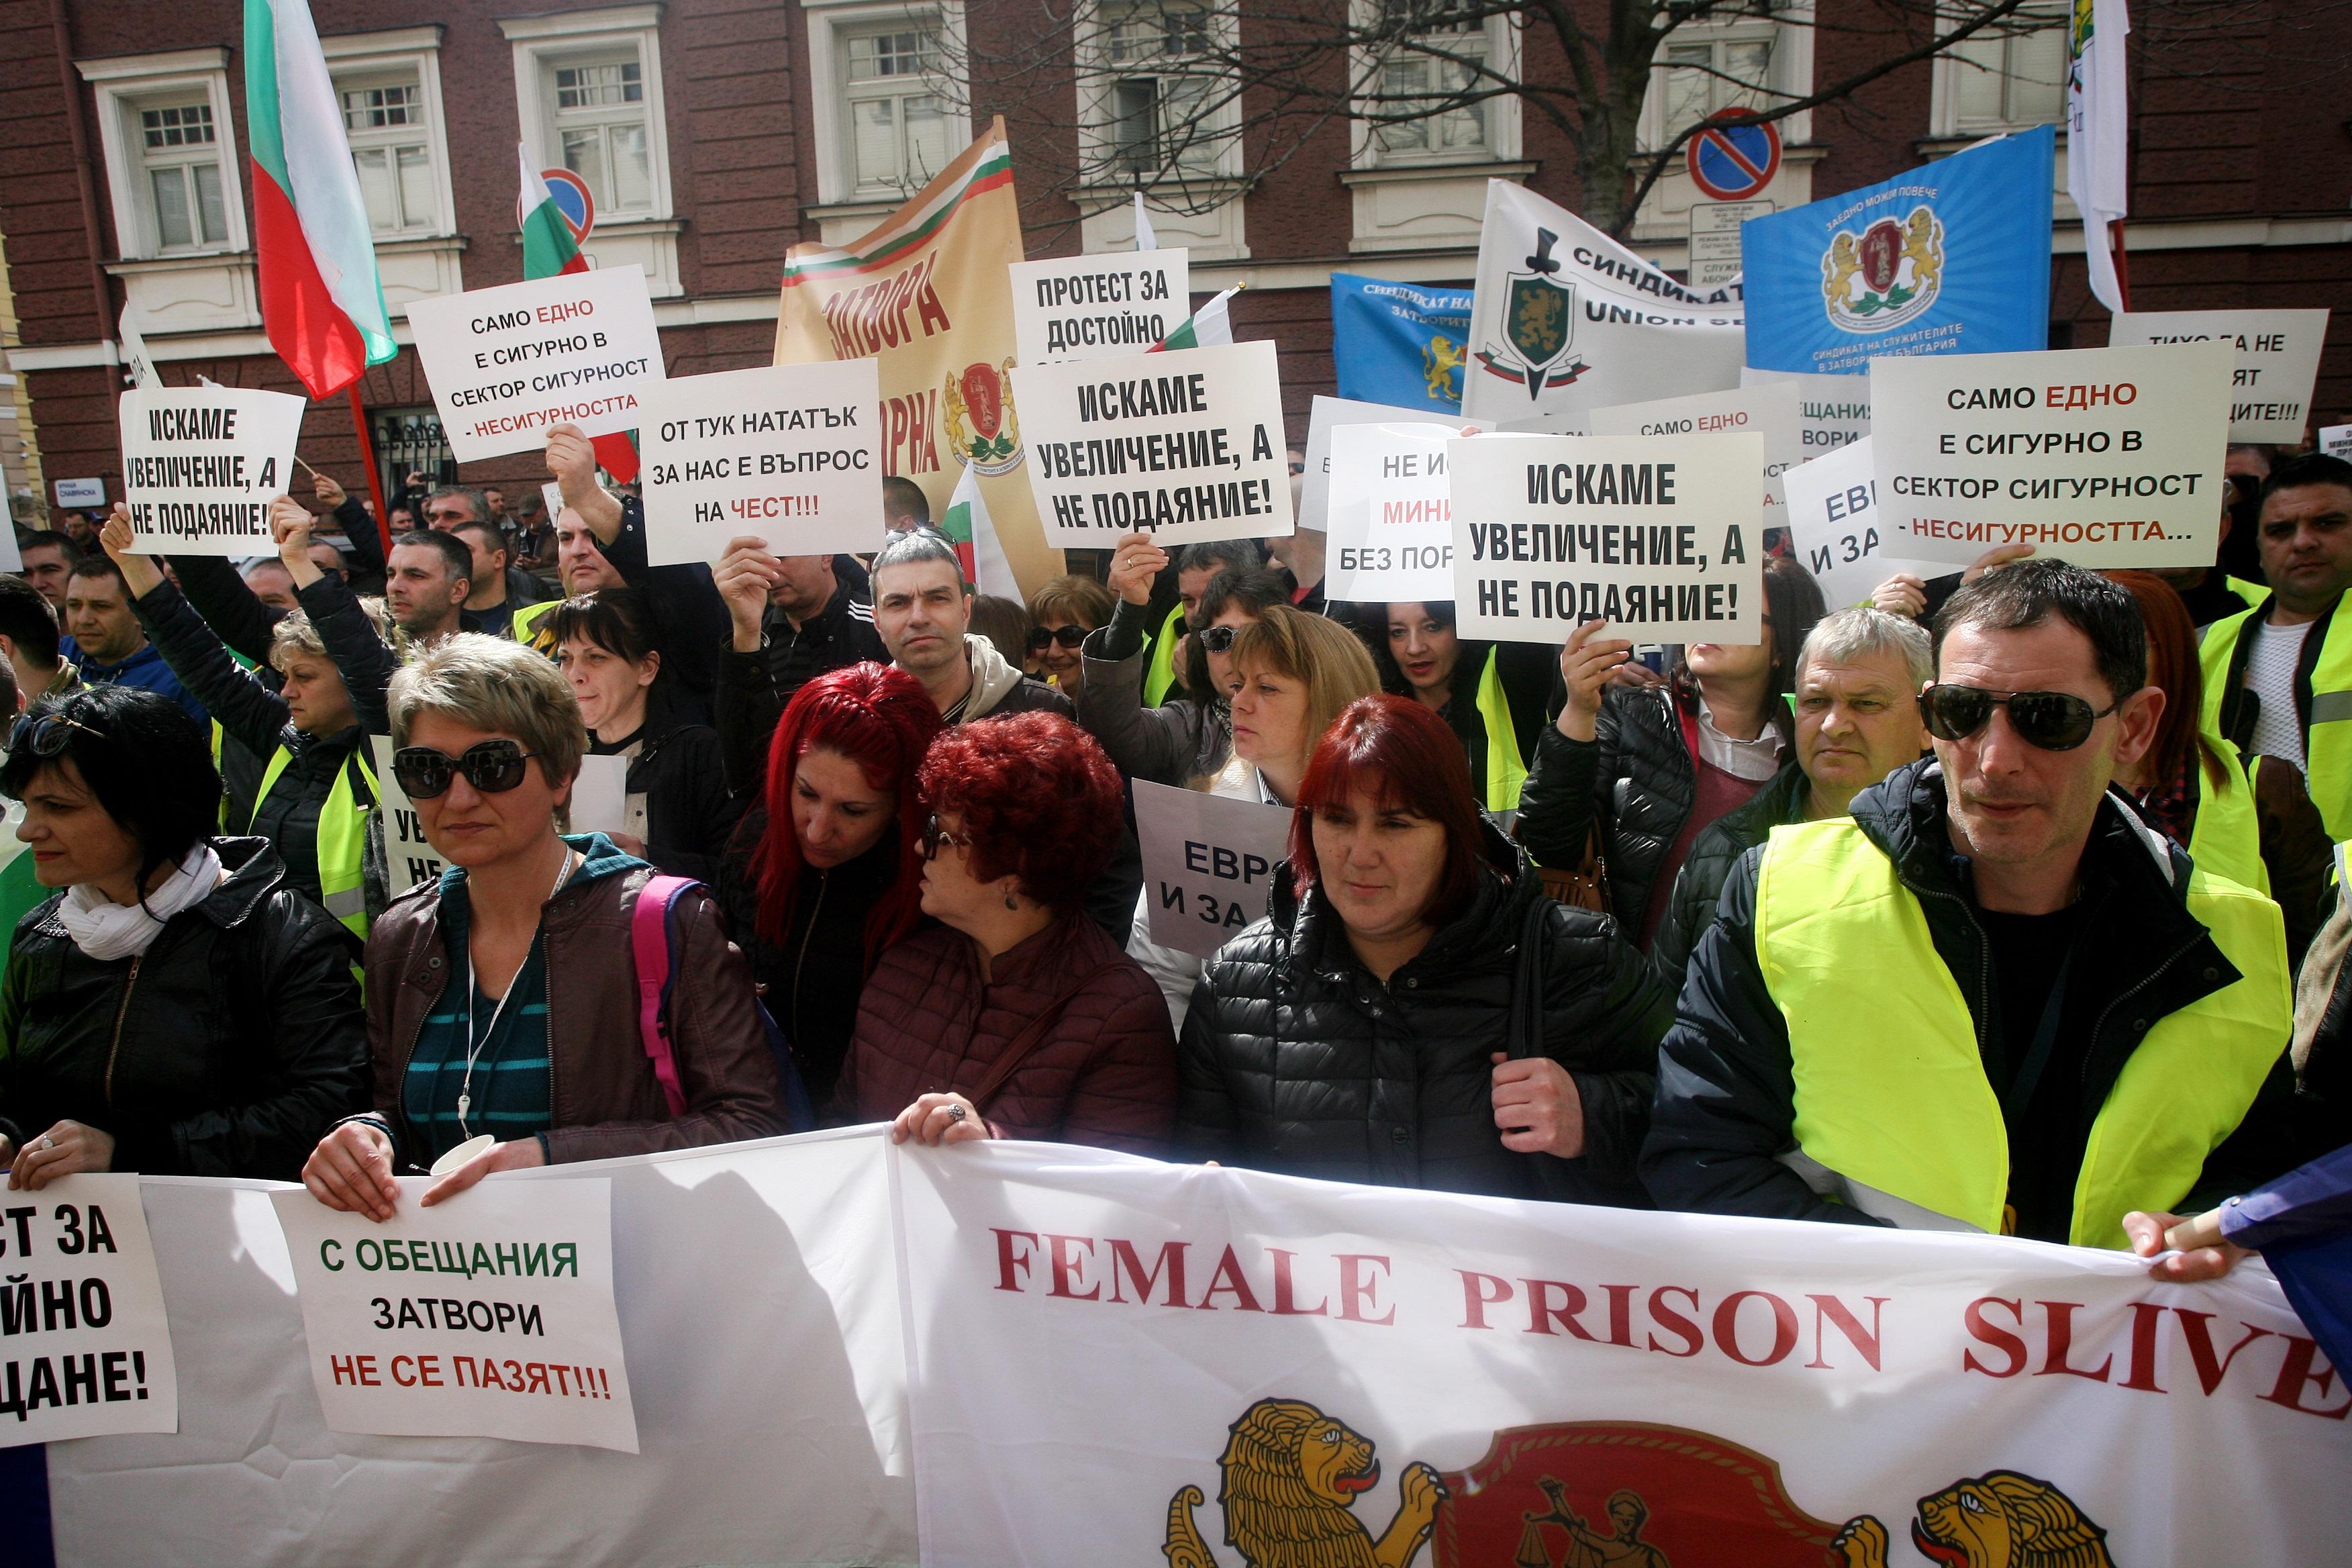 Пространството пред правосъдното министерството събра надзиратели и служители на Съдебна охрана от цялата страна на протест